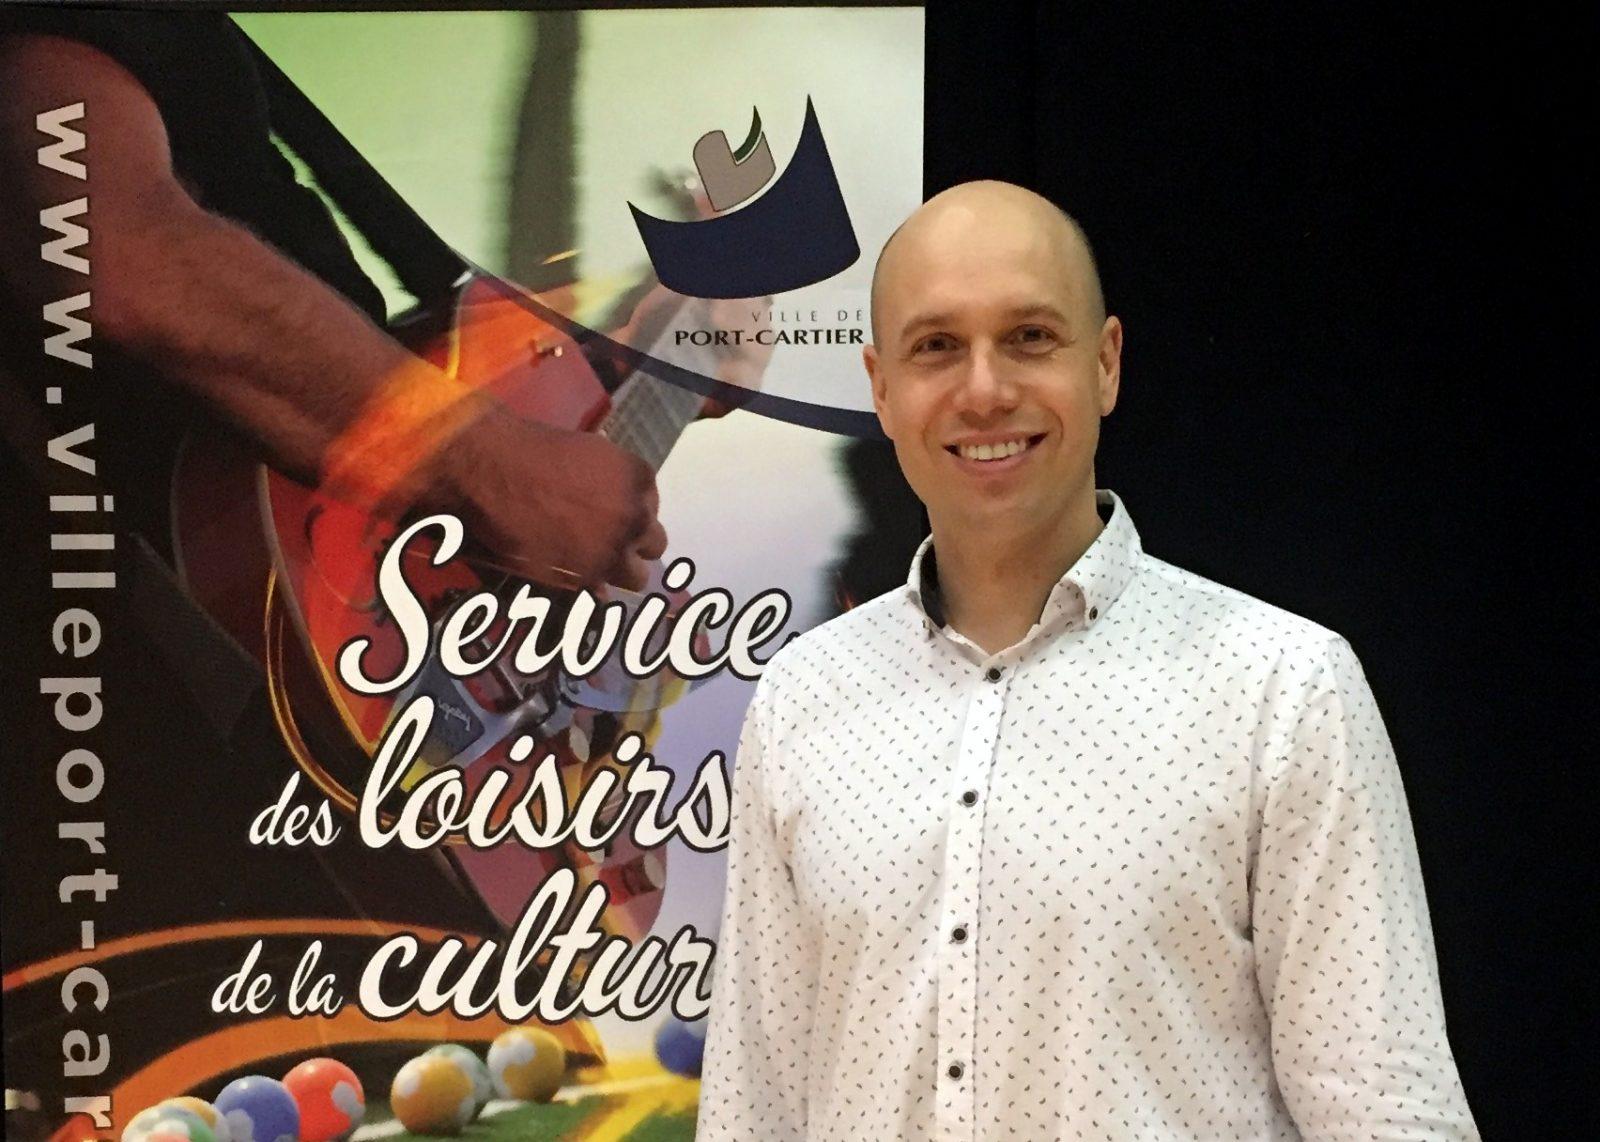 Service des loisirs de Port-Cartier : le successeur de Christian Lepage est connu